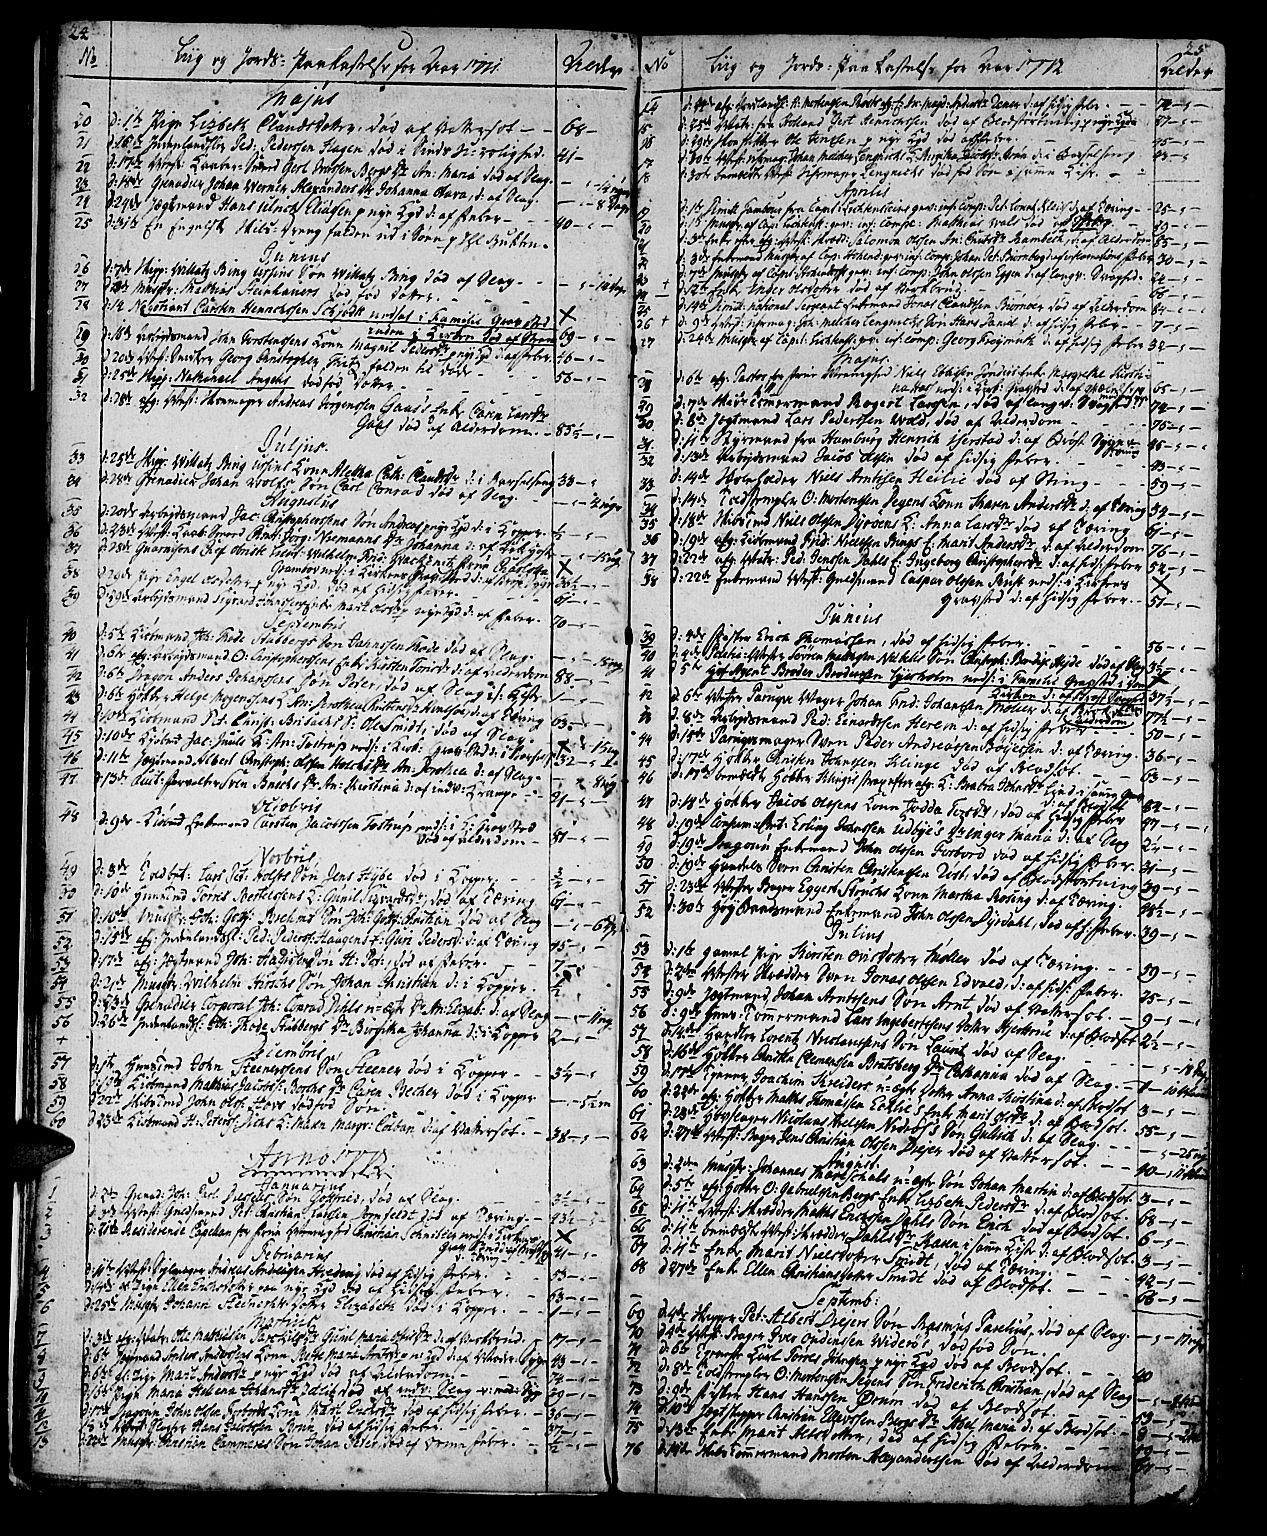 SAT, Ministerialprotokoller, klokkerbøker og fødselsregistre - Sør-Trøndelag, 602/L0134: Klokkerbok nr. 602C02, 1759-1812, s. 24-25